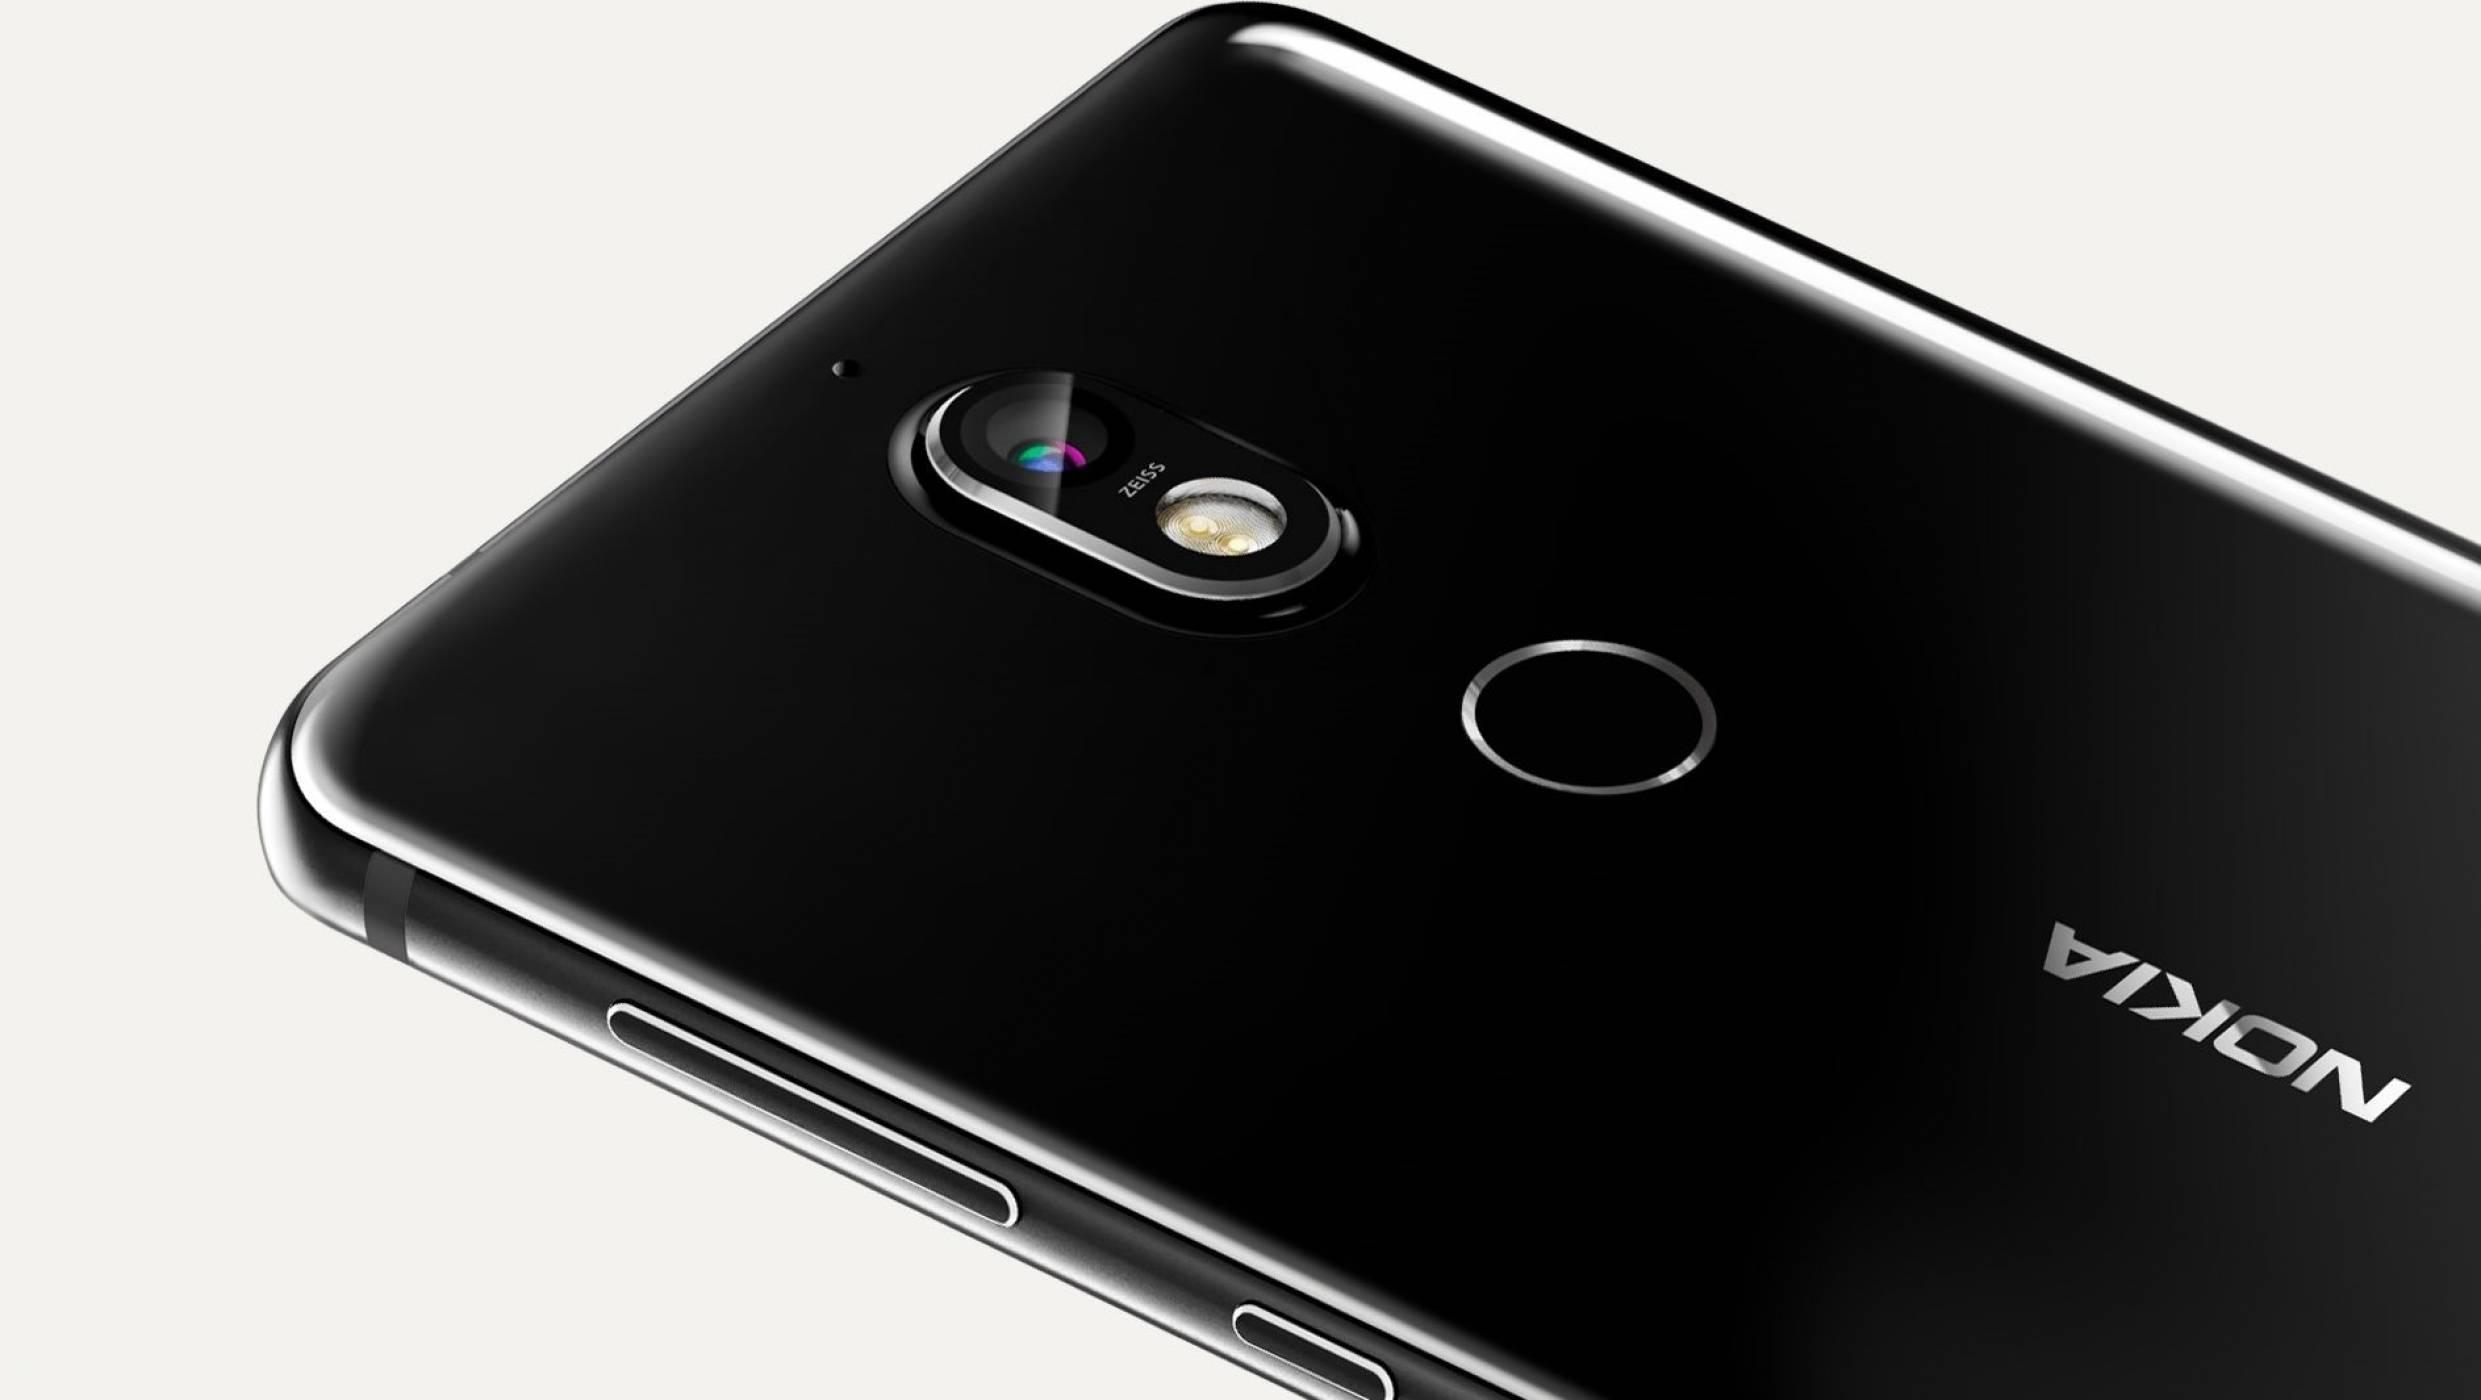 Снимка на Nokia 7+ показва безрамковия 18:9 дисплей на модела